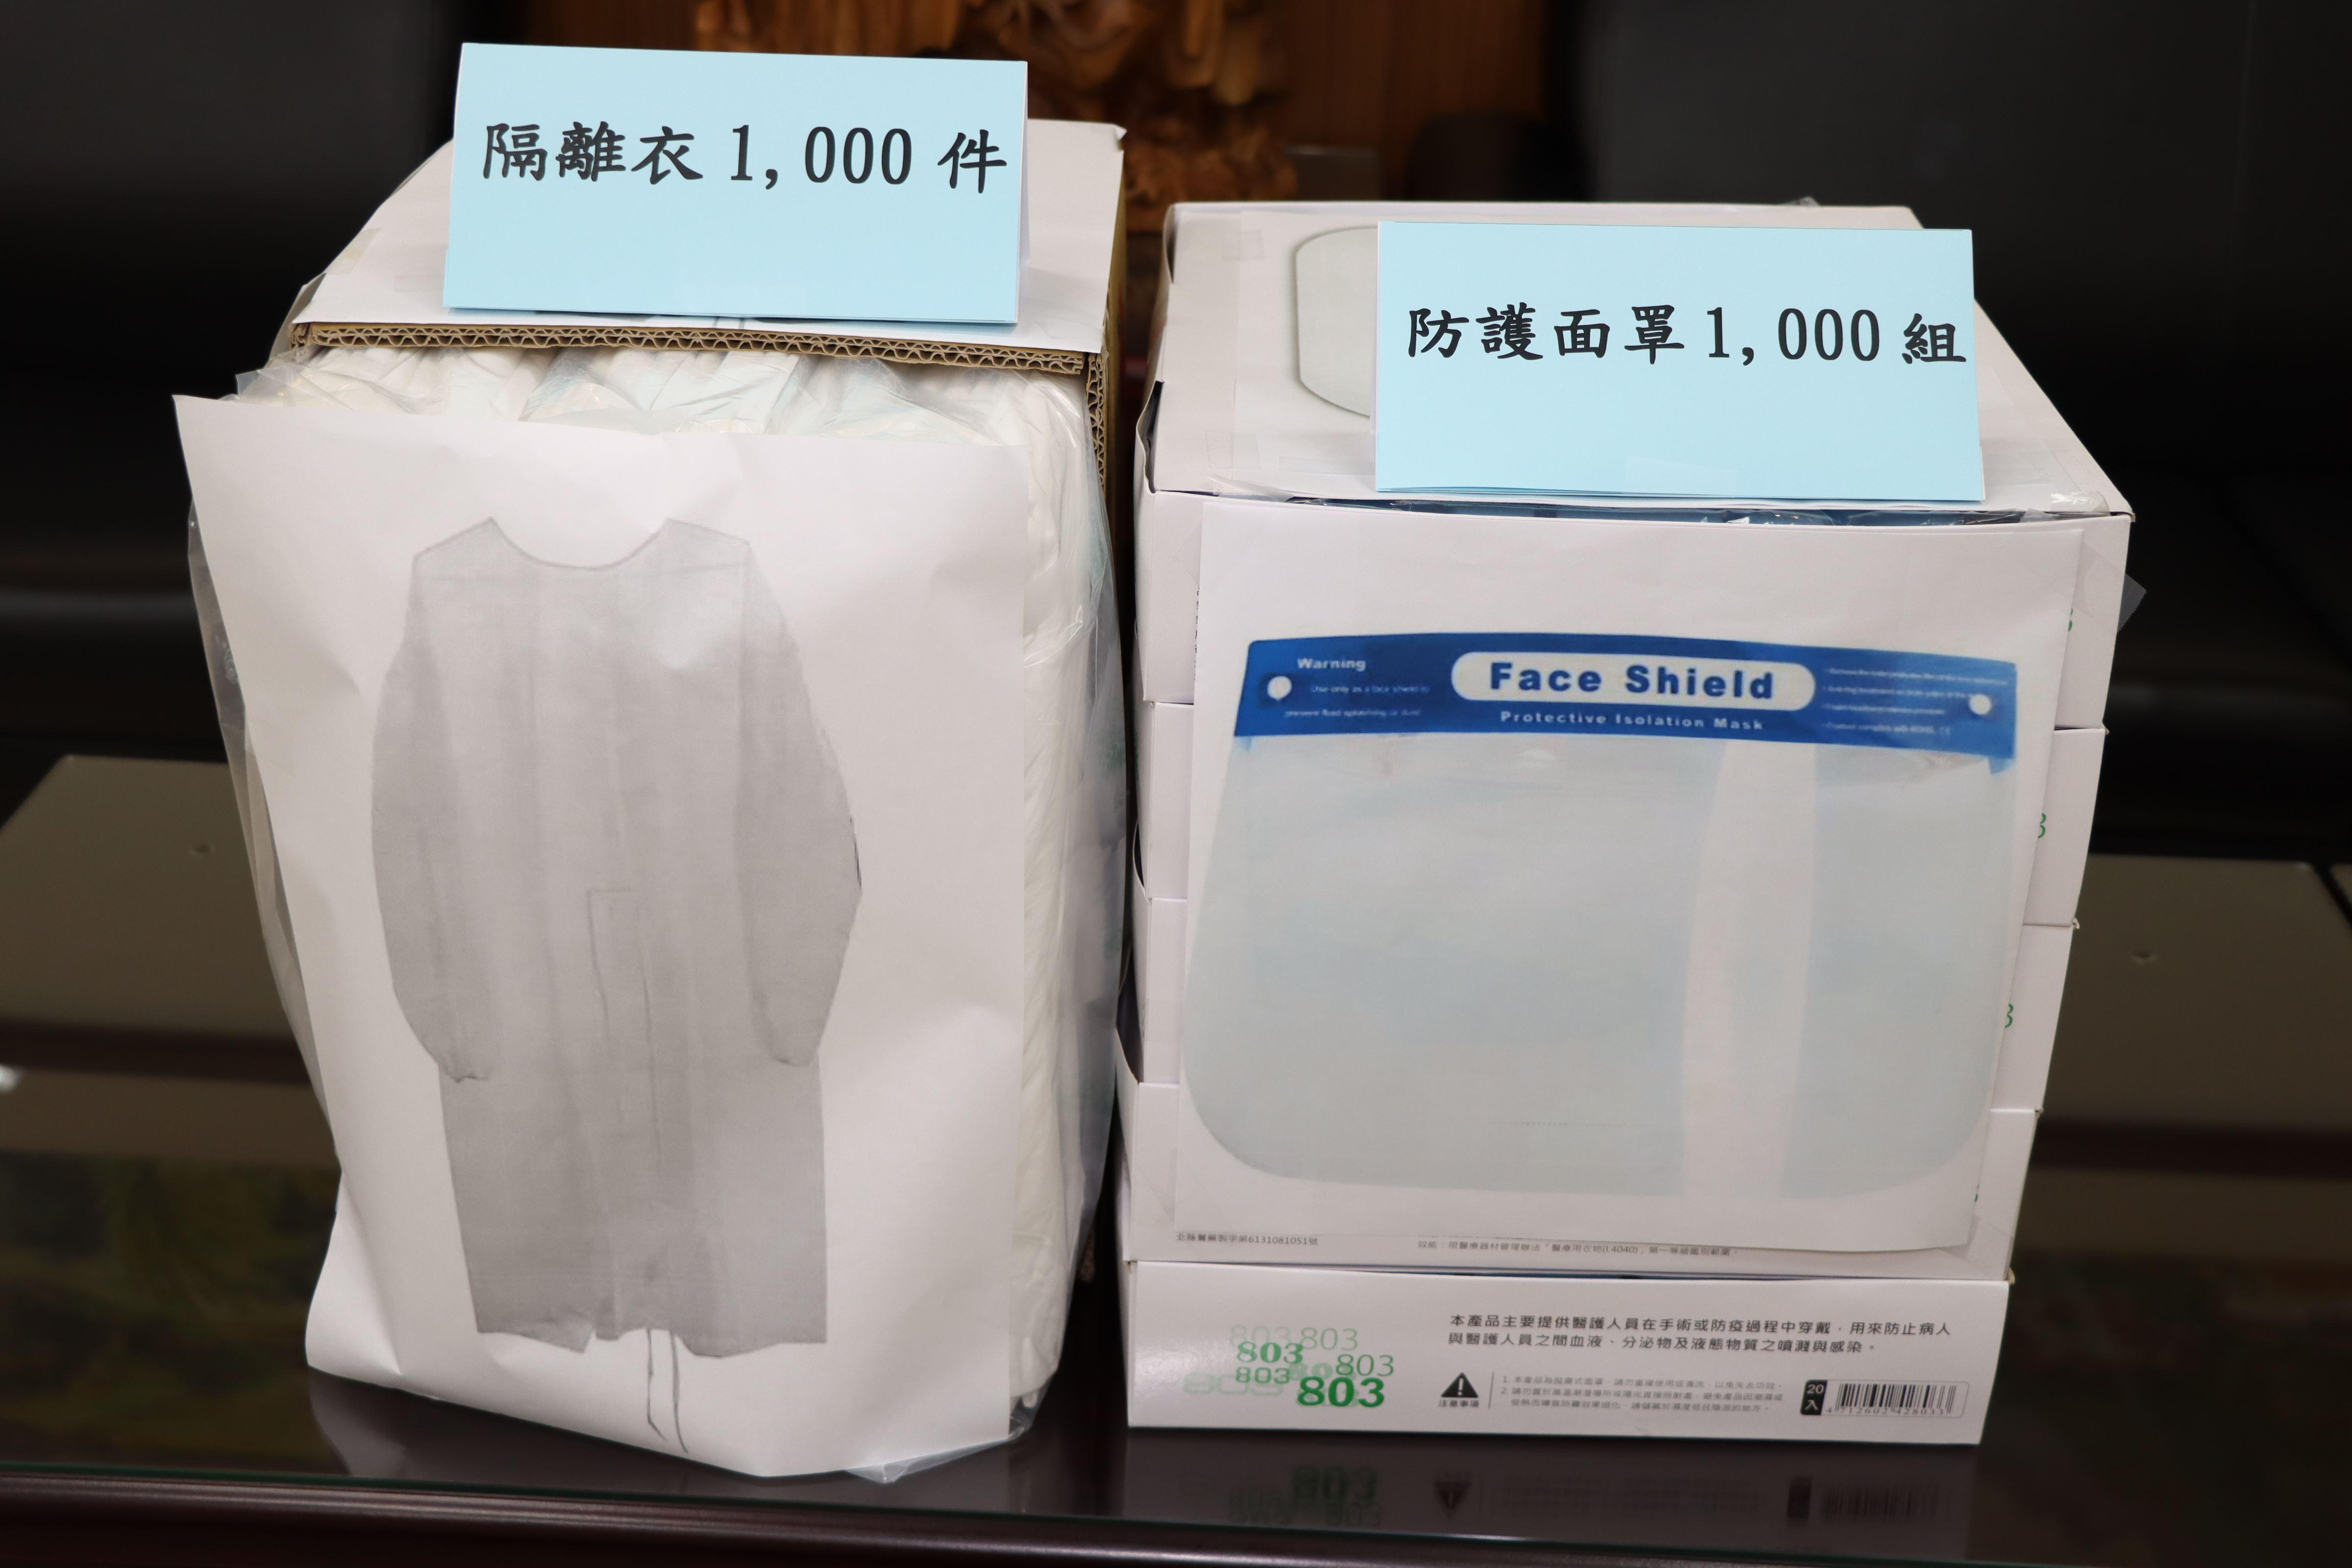 9縣府-雲豹能源科技公司捐贈隔離衣、防護面罩IMG_9930.JPG